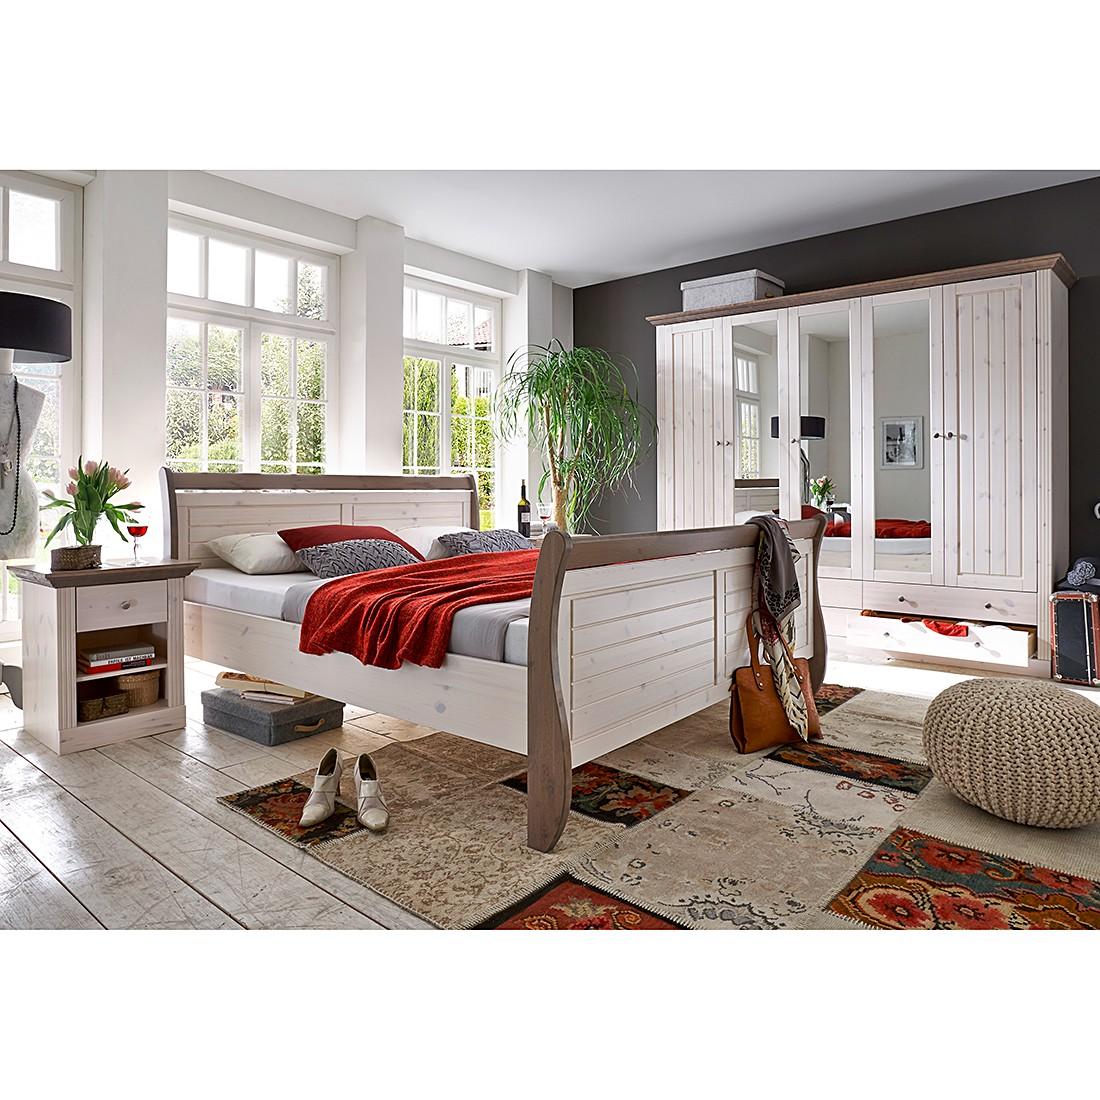 Schlafzimmerset Lyngby (4-teilig) - Weiß/Steingrau, Steens ...